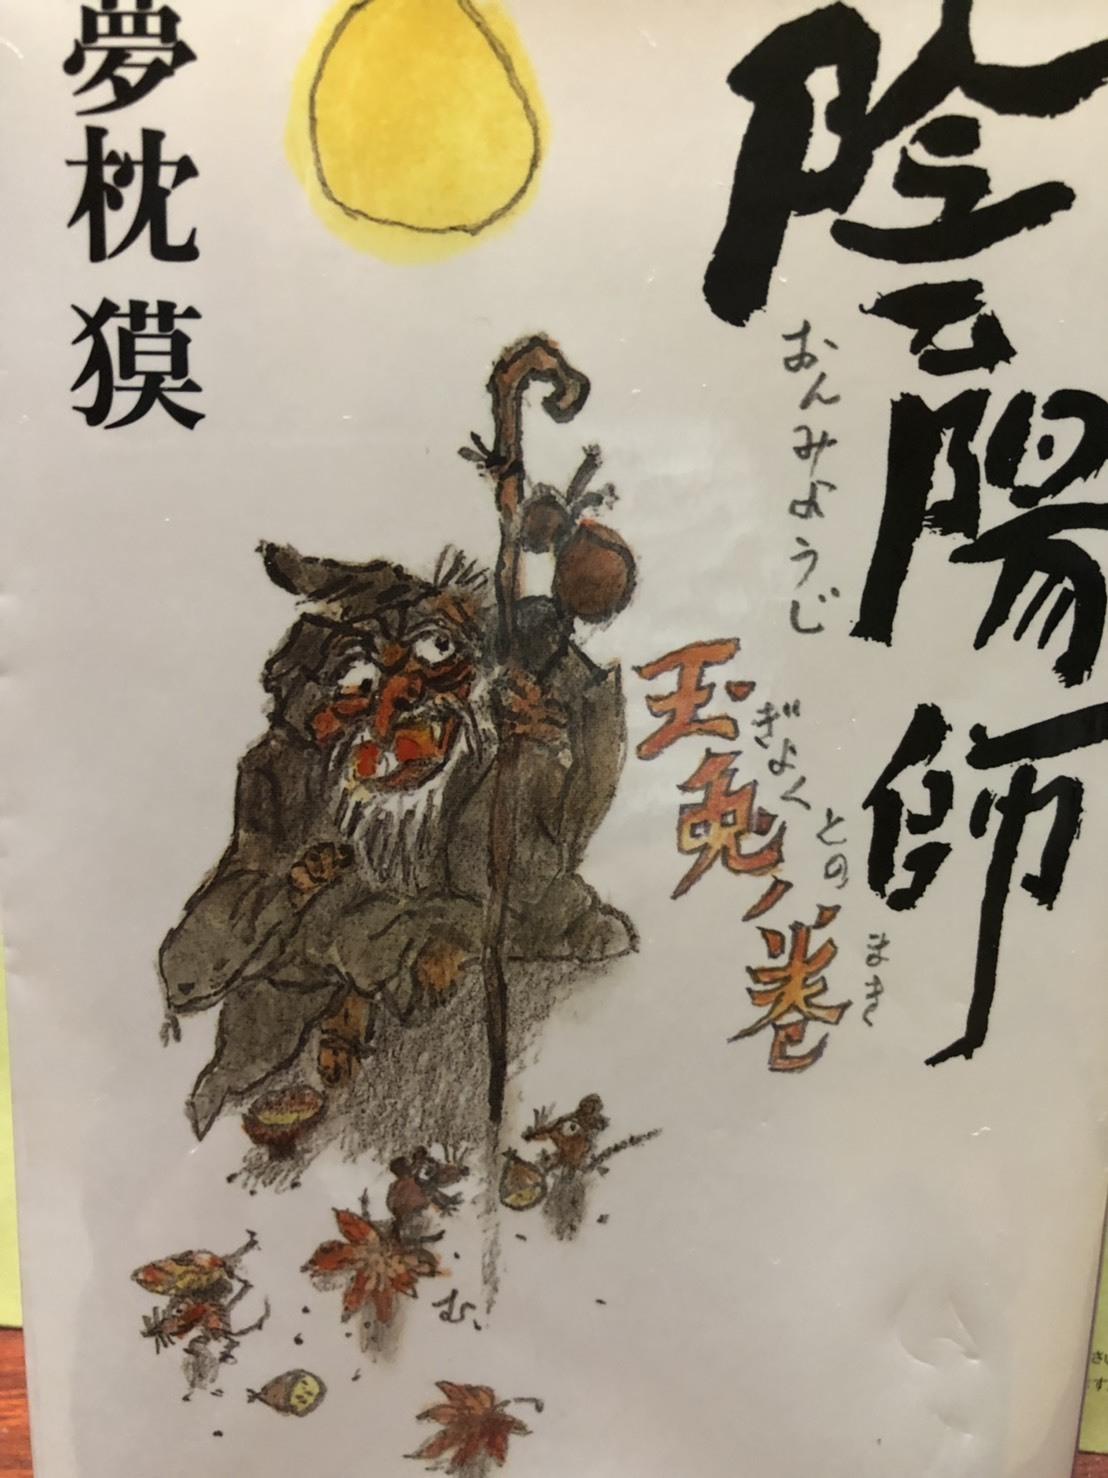 読書の梅雨(笑)_b0328361_22425145.jpg